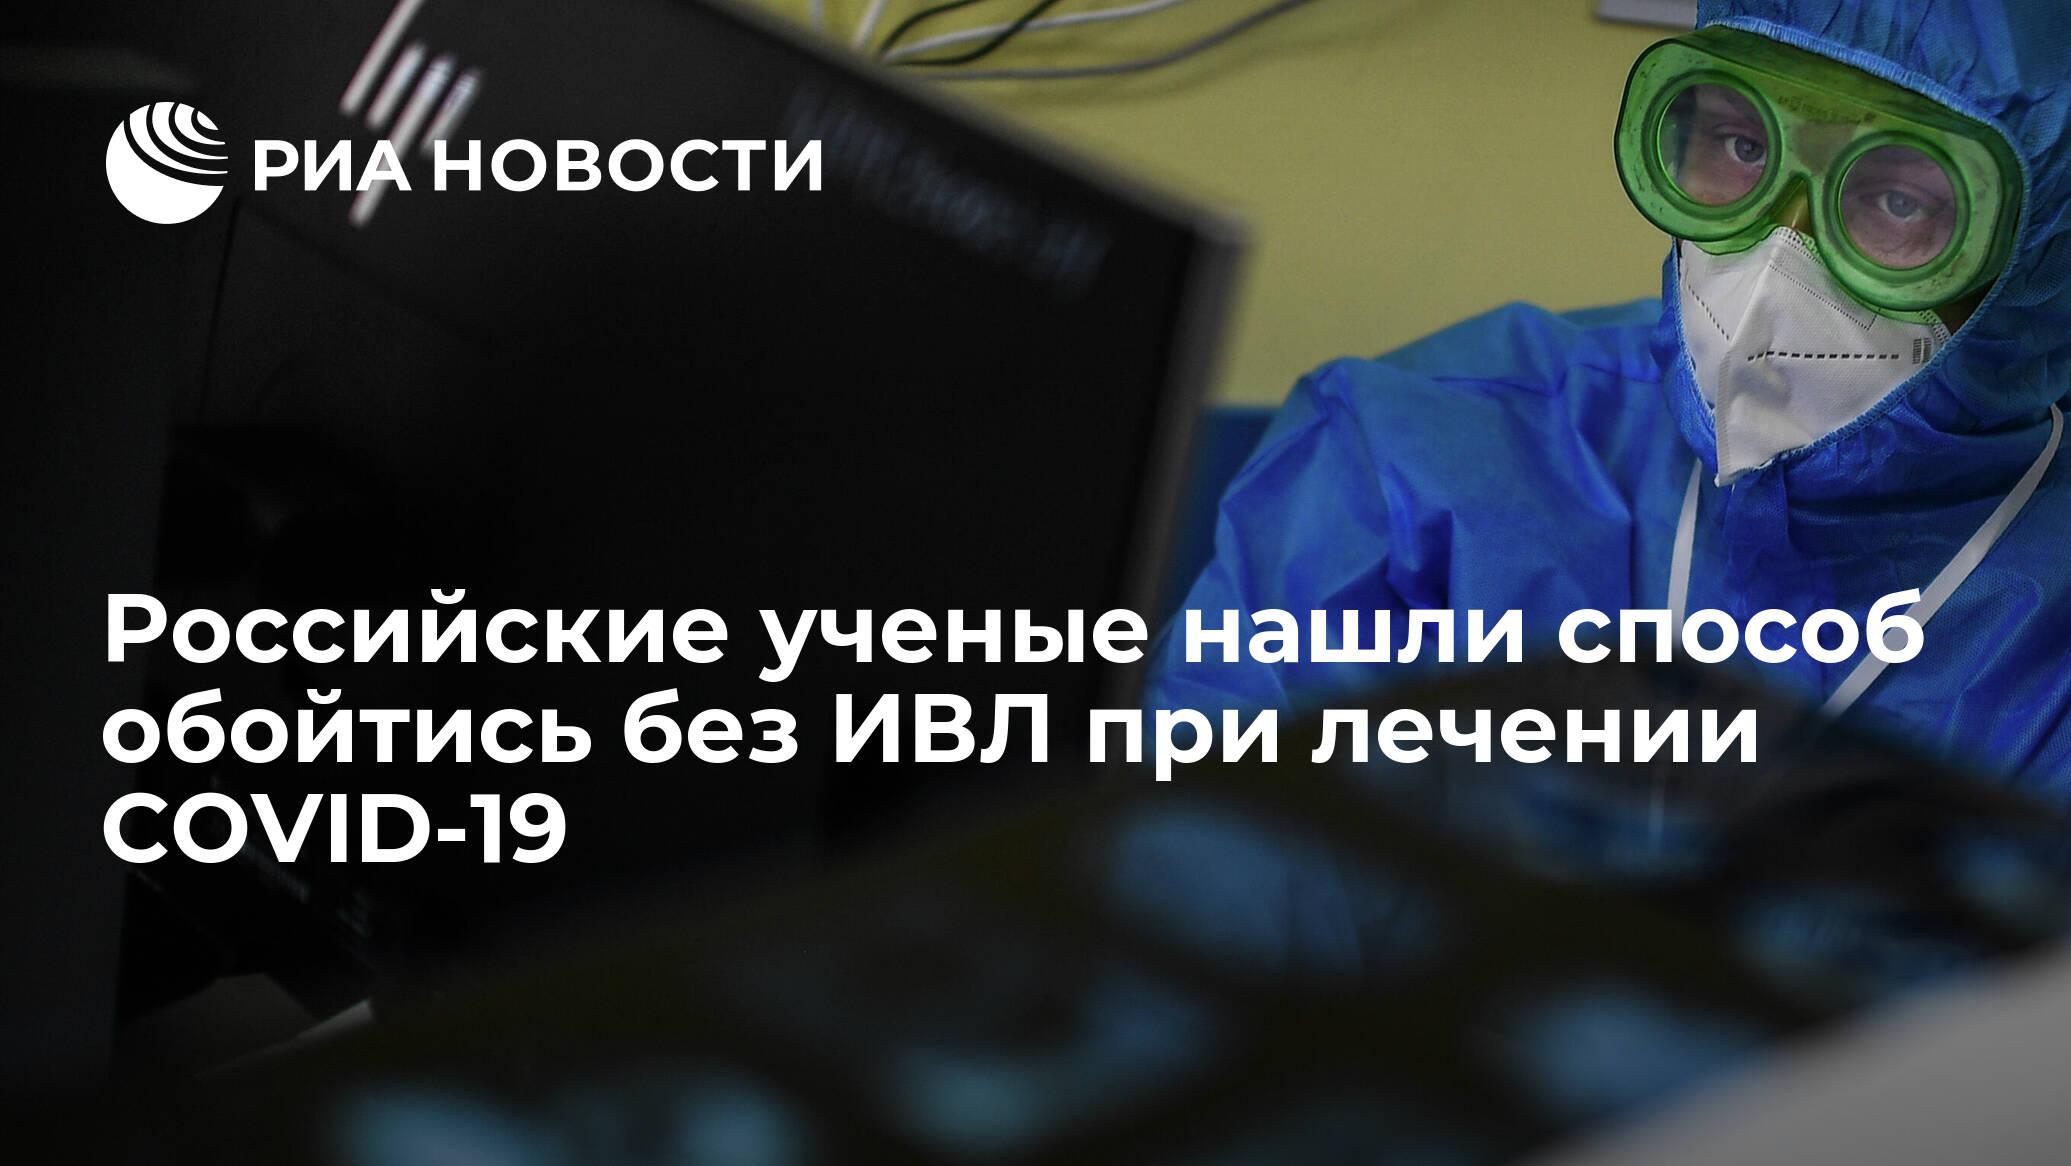 Российские ученые нашли способ обойтись без ИВЛ при лечении COVID-19